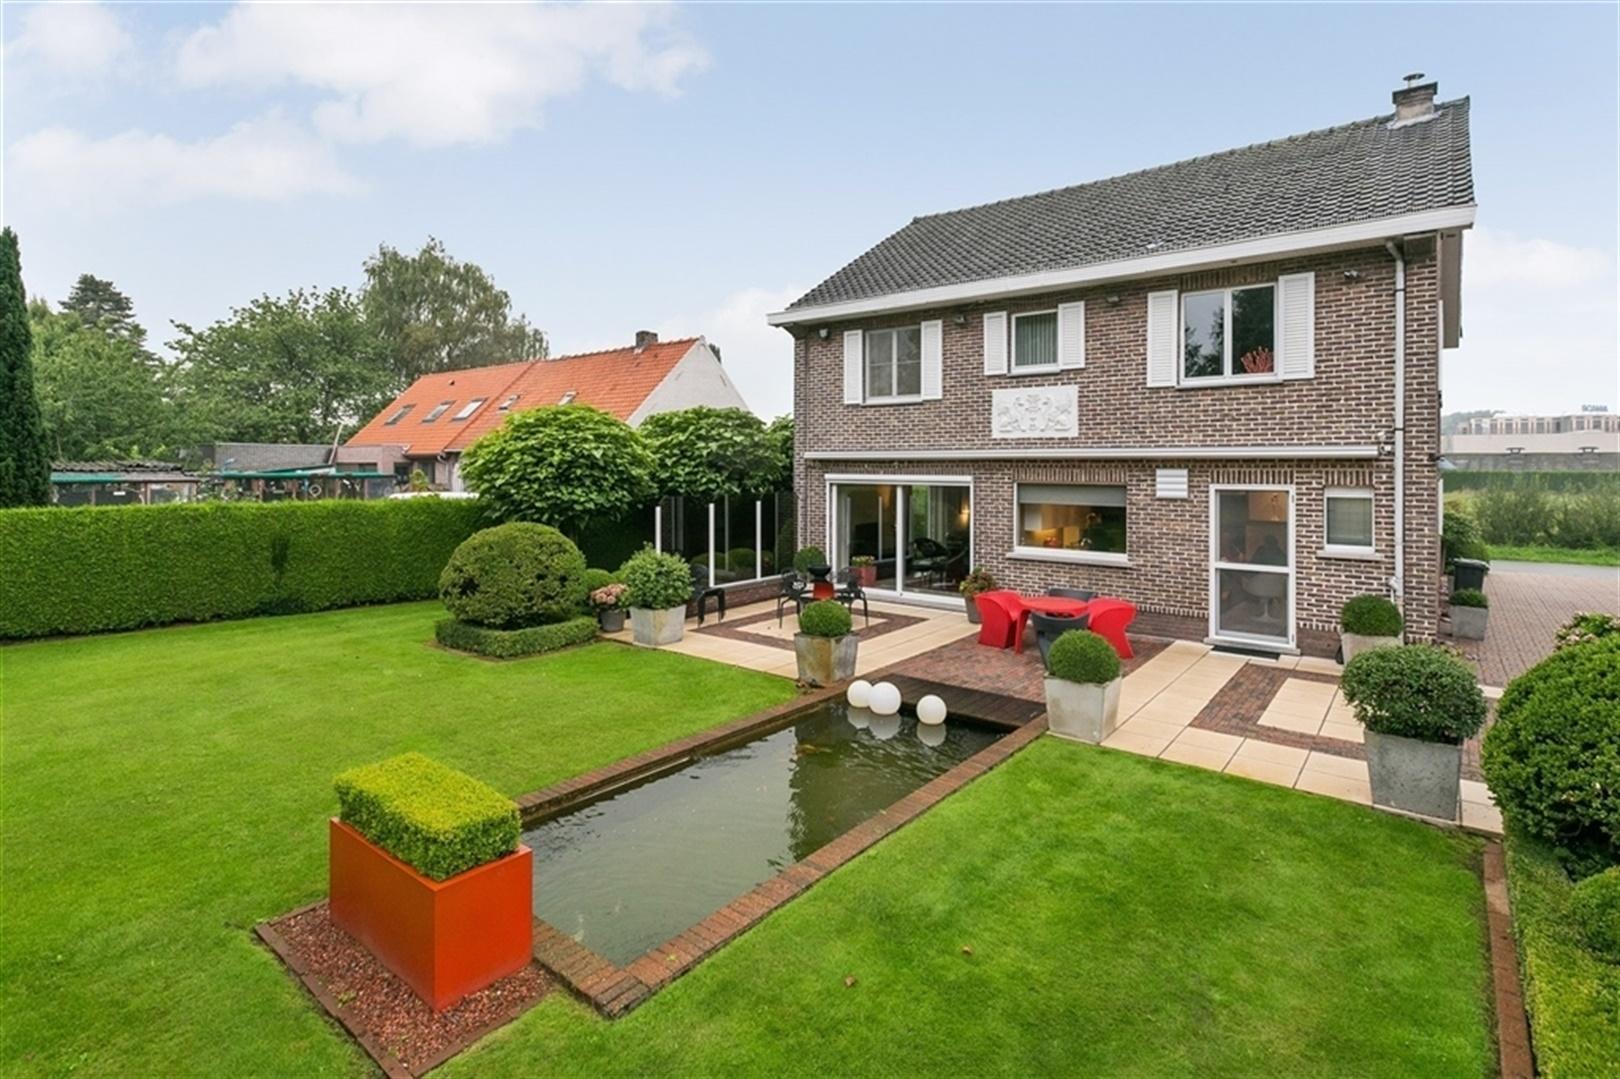 Alleenstaande villa met ruime en volledig aangelegde tuin in Drongen